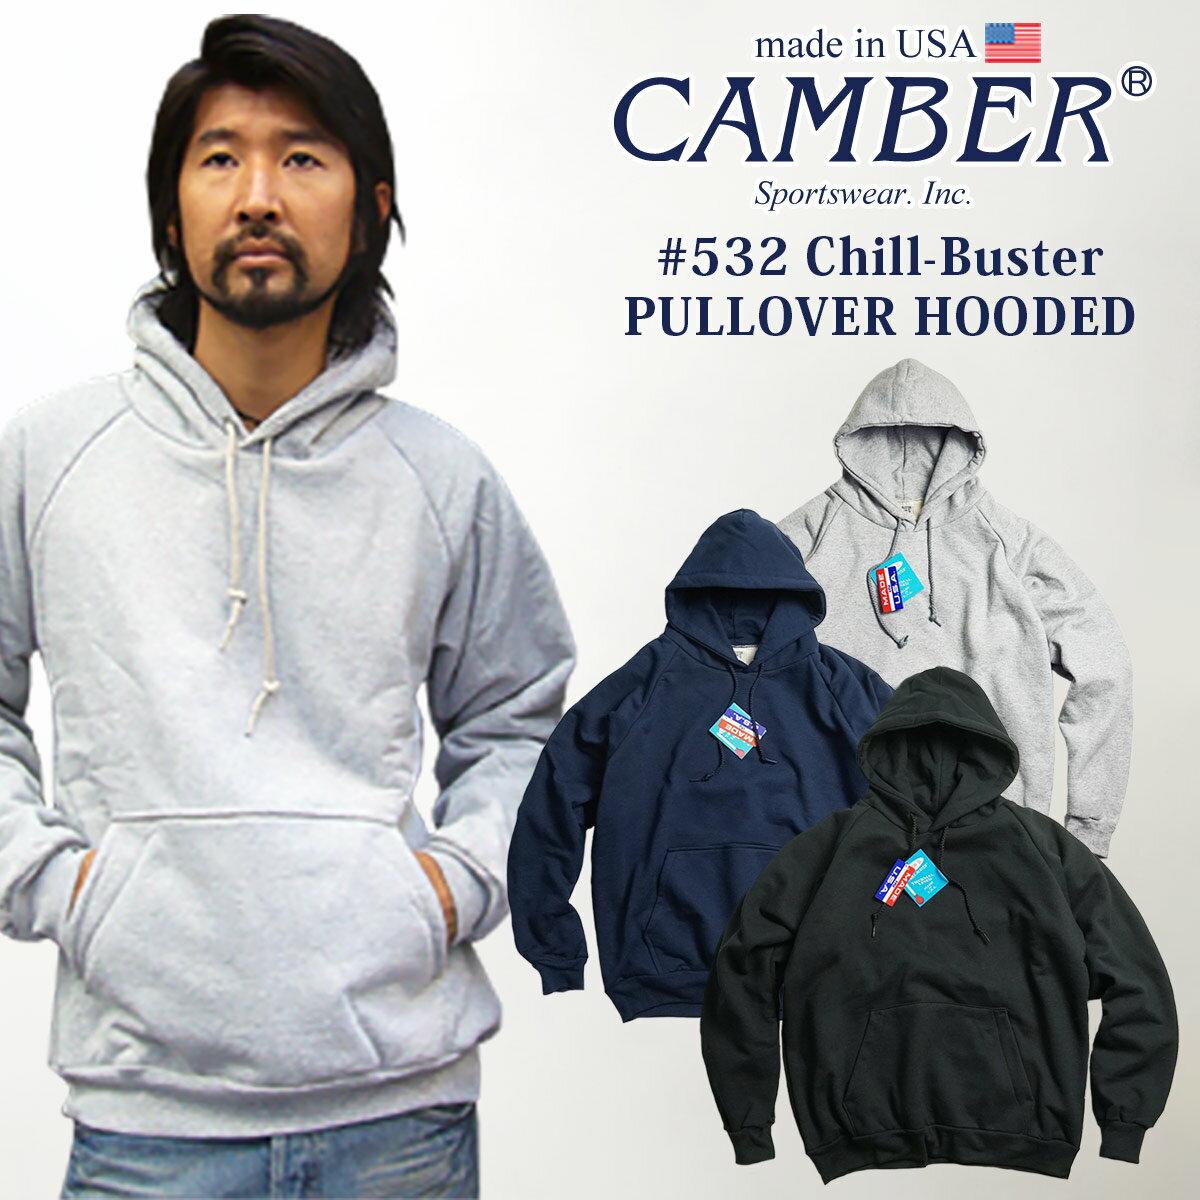 トップス, パーカー  CAMBER 532 MADE IN USA CHILL BUSTER S M L XL 14 7.5 6.5